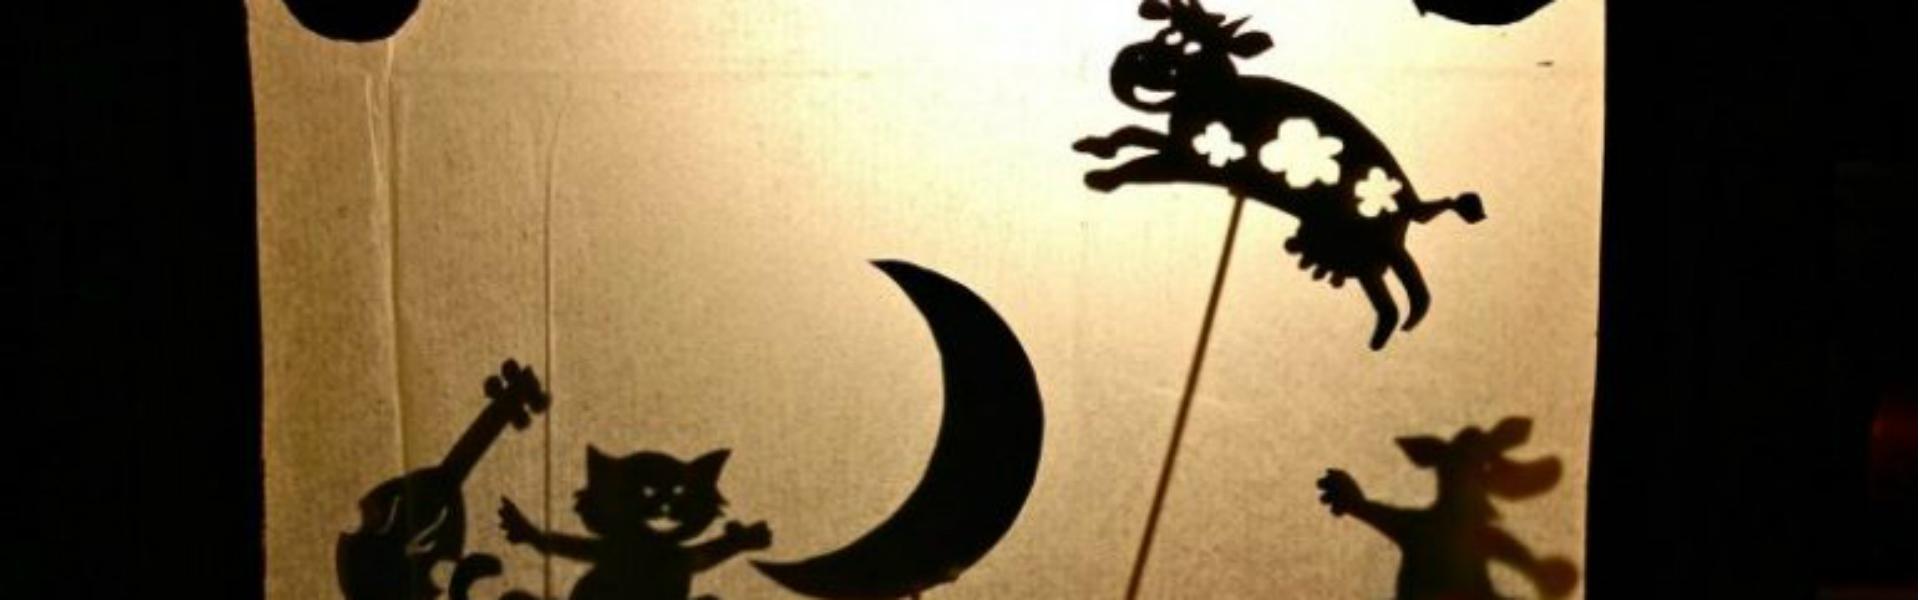 Taller de teatro de sombras online